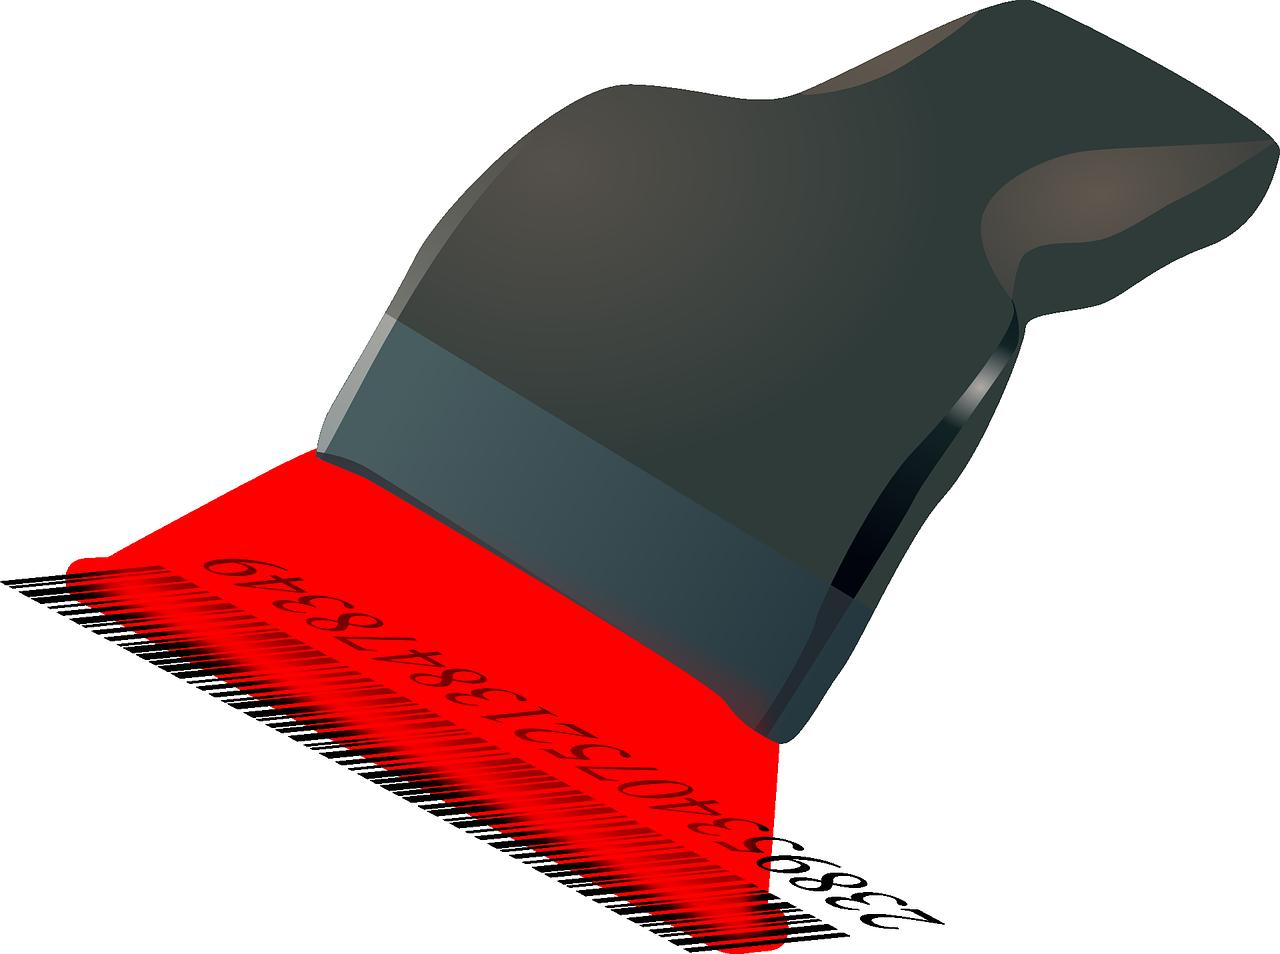 Как сделать сканер штрих кода android